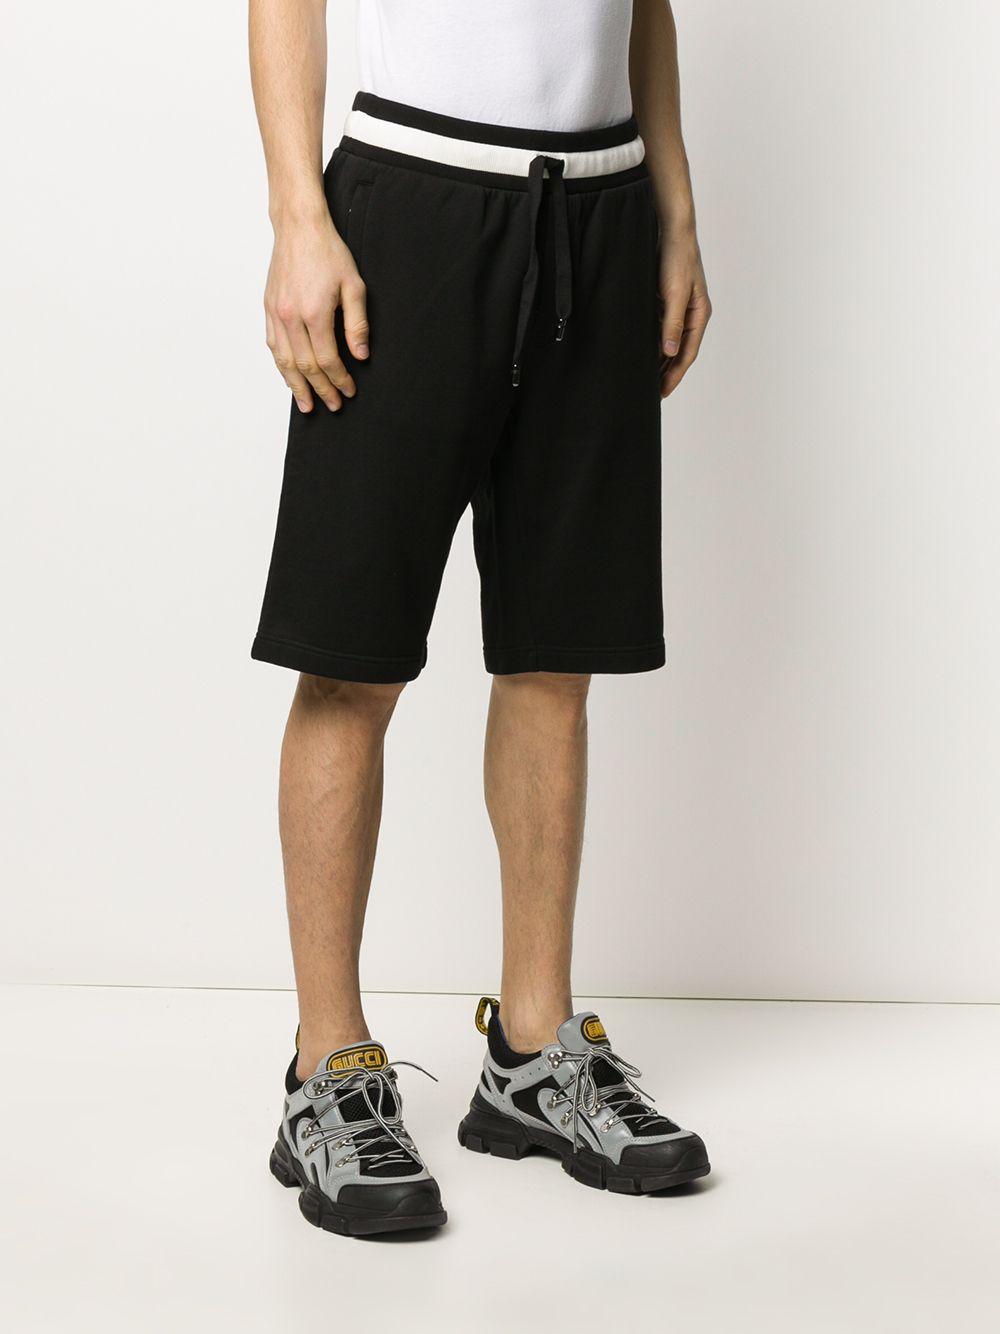 Dolce & Gabbana Katoen Trainingsshorts in het Zwart voor heren